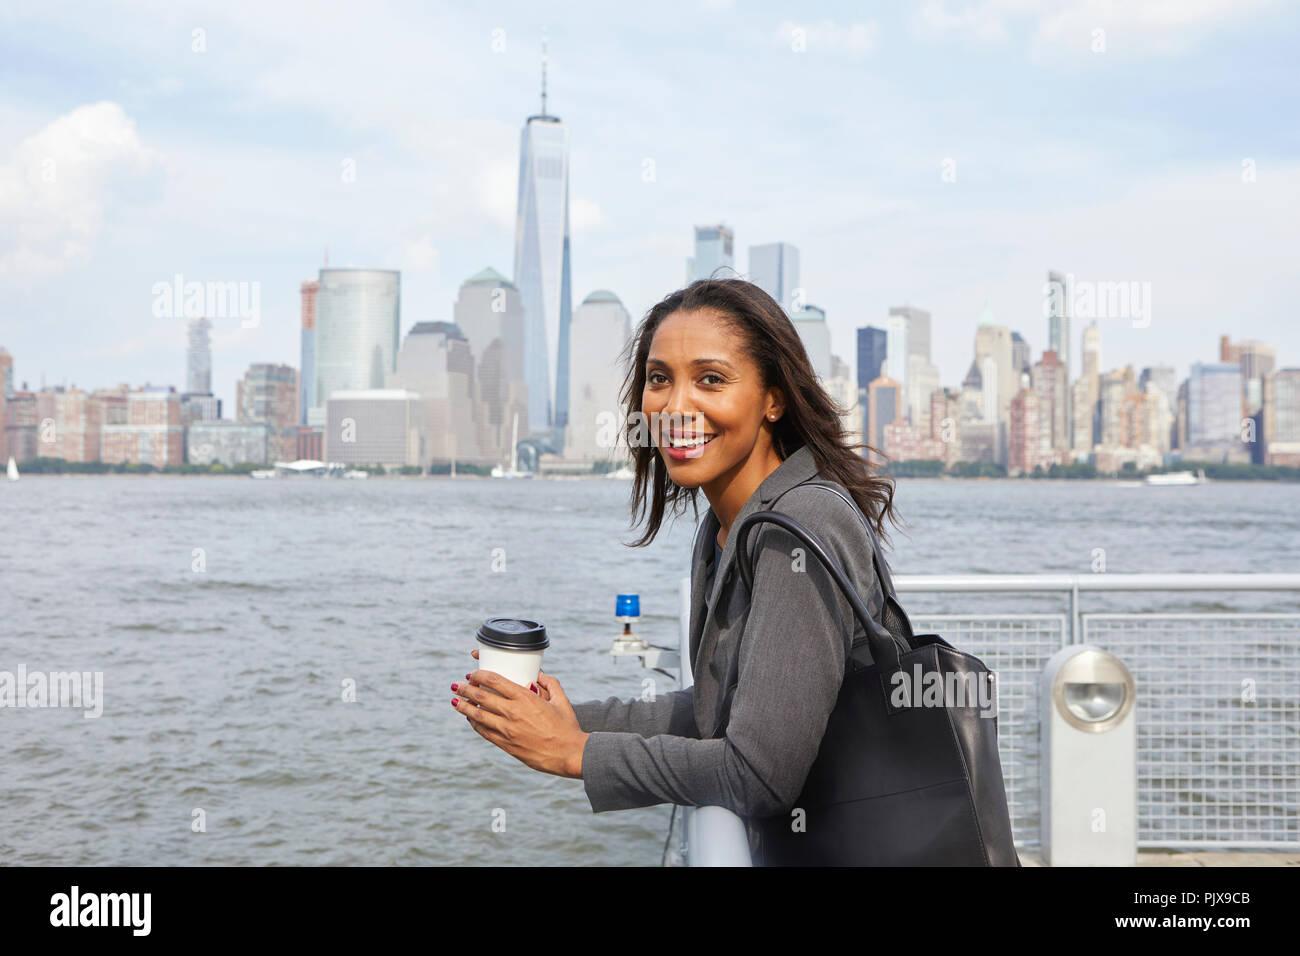 Take Break Coffeebreak : Businesswoman taking coffee break new york city skyline in